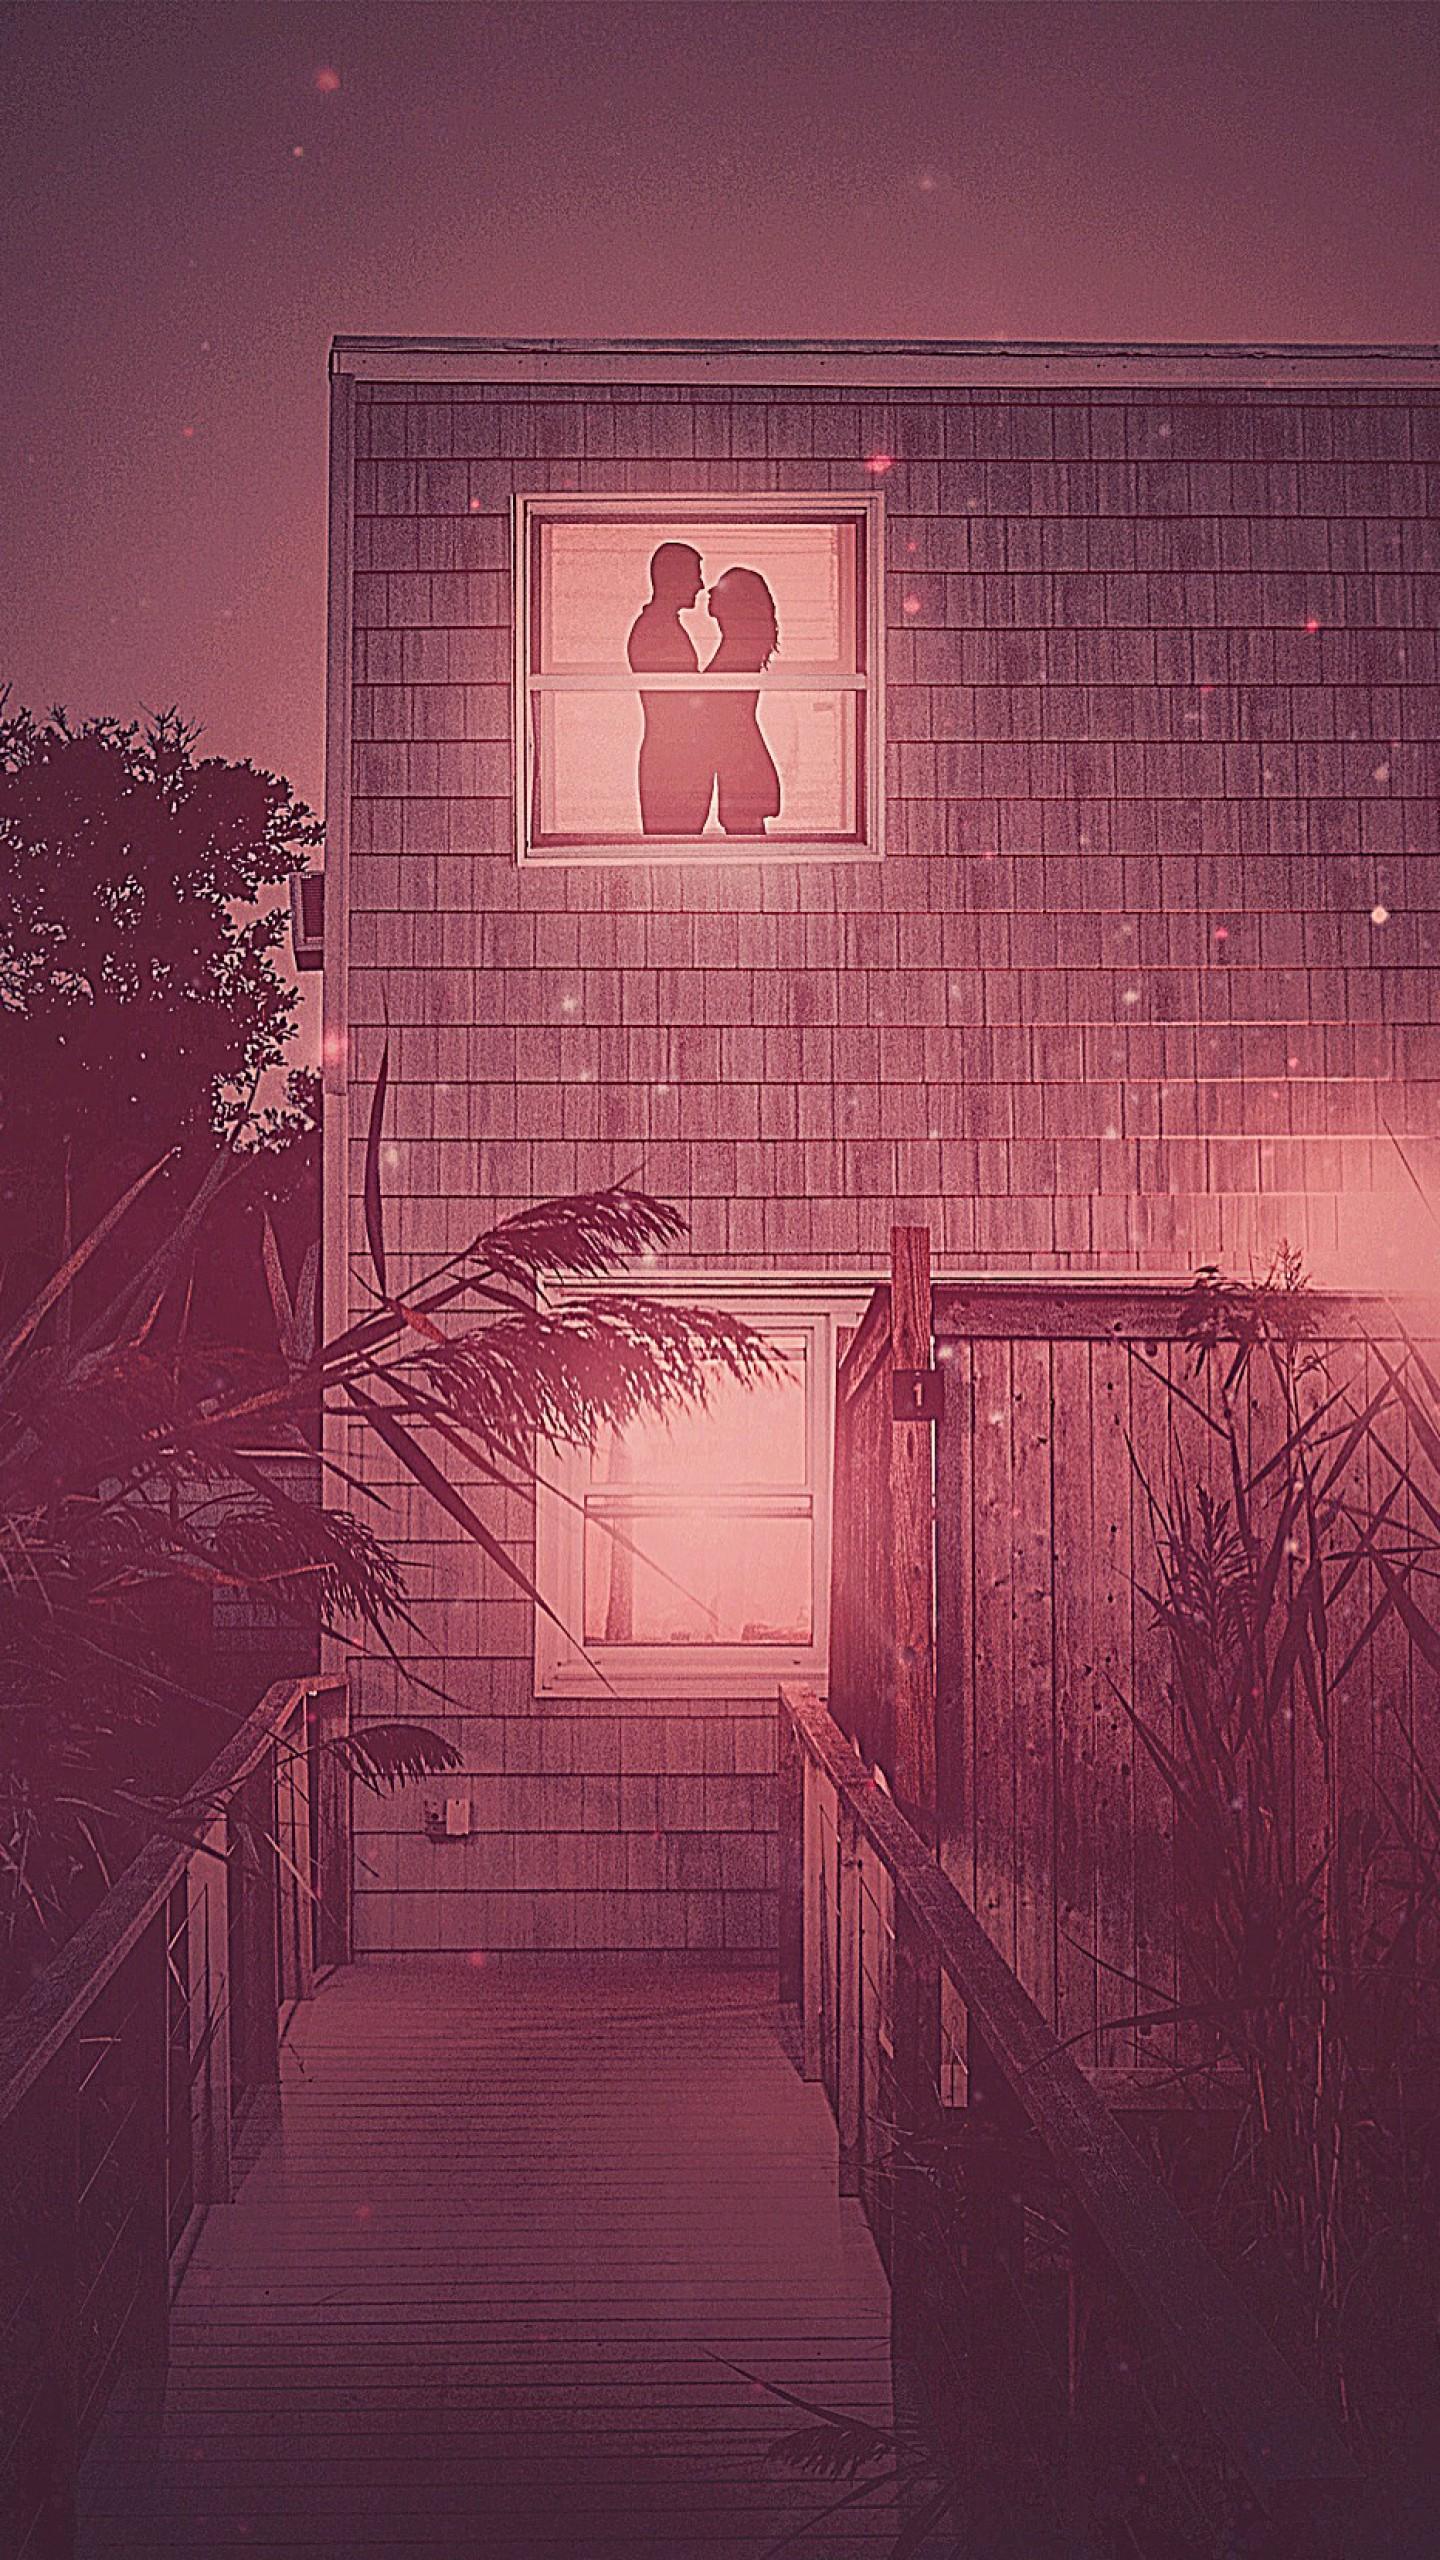 عکس زمینه زن و شوهر رمانتیک از نمای پنجره پس زمینه